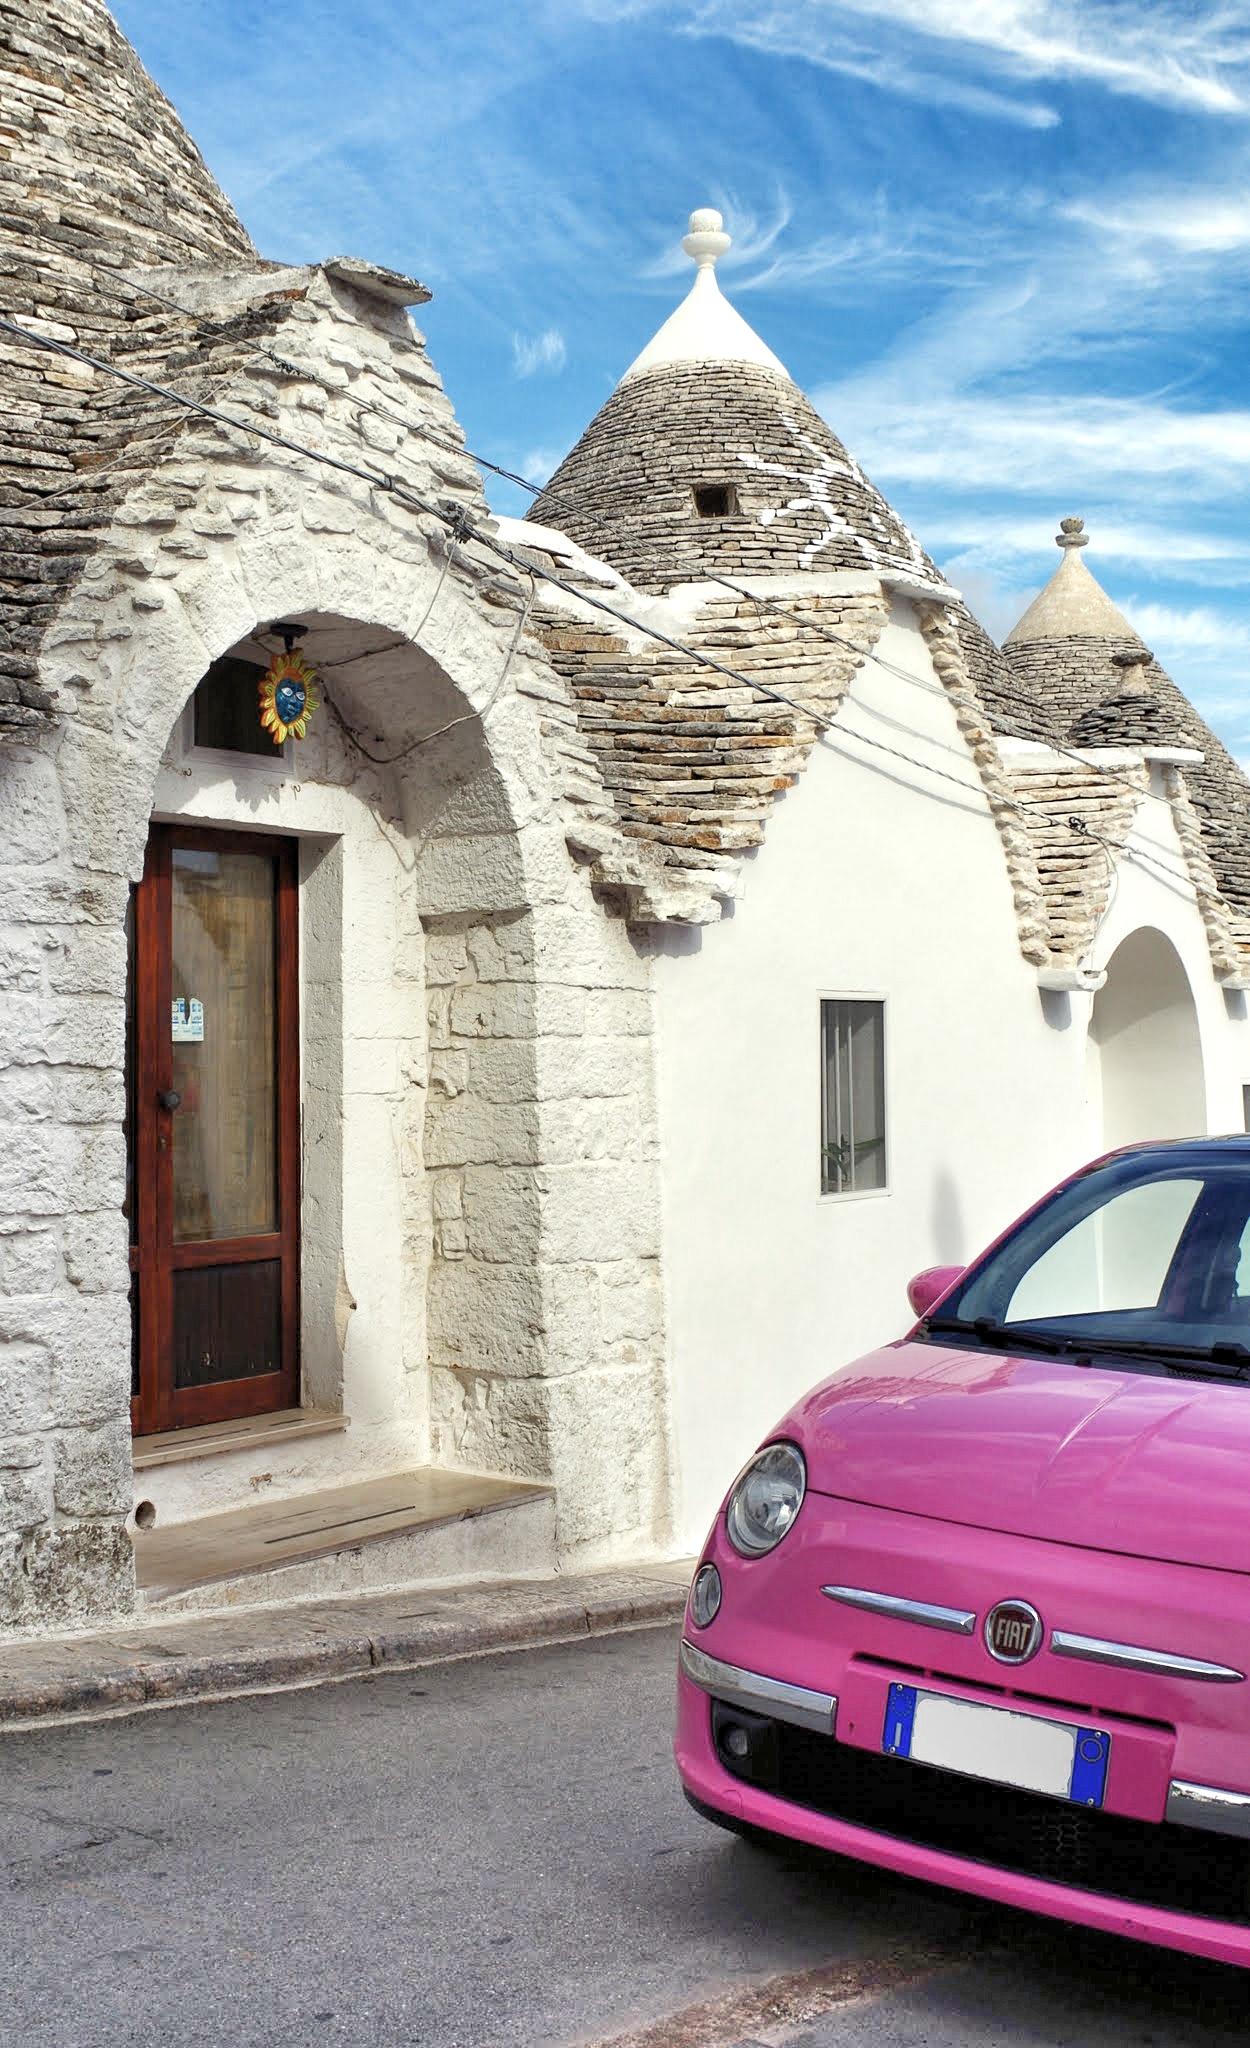 Fiat 500 in Alberobello